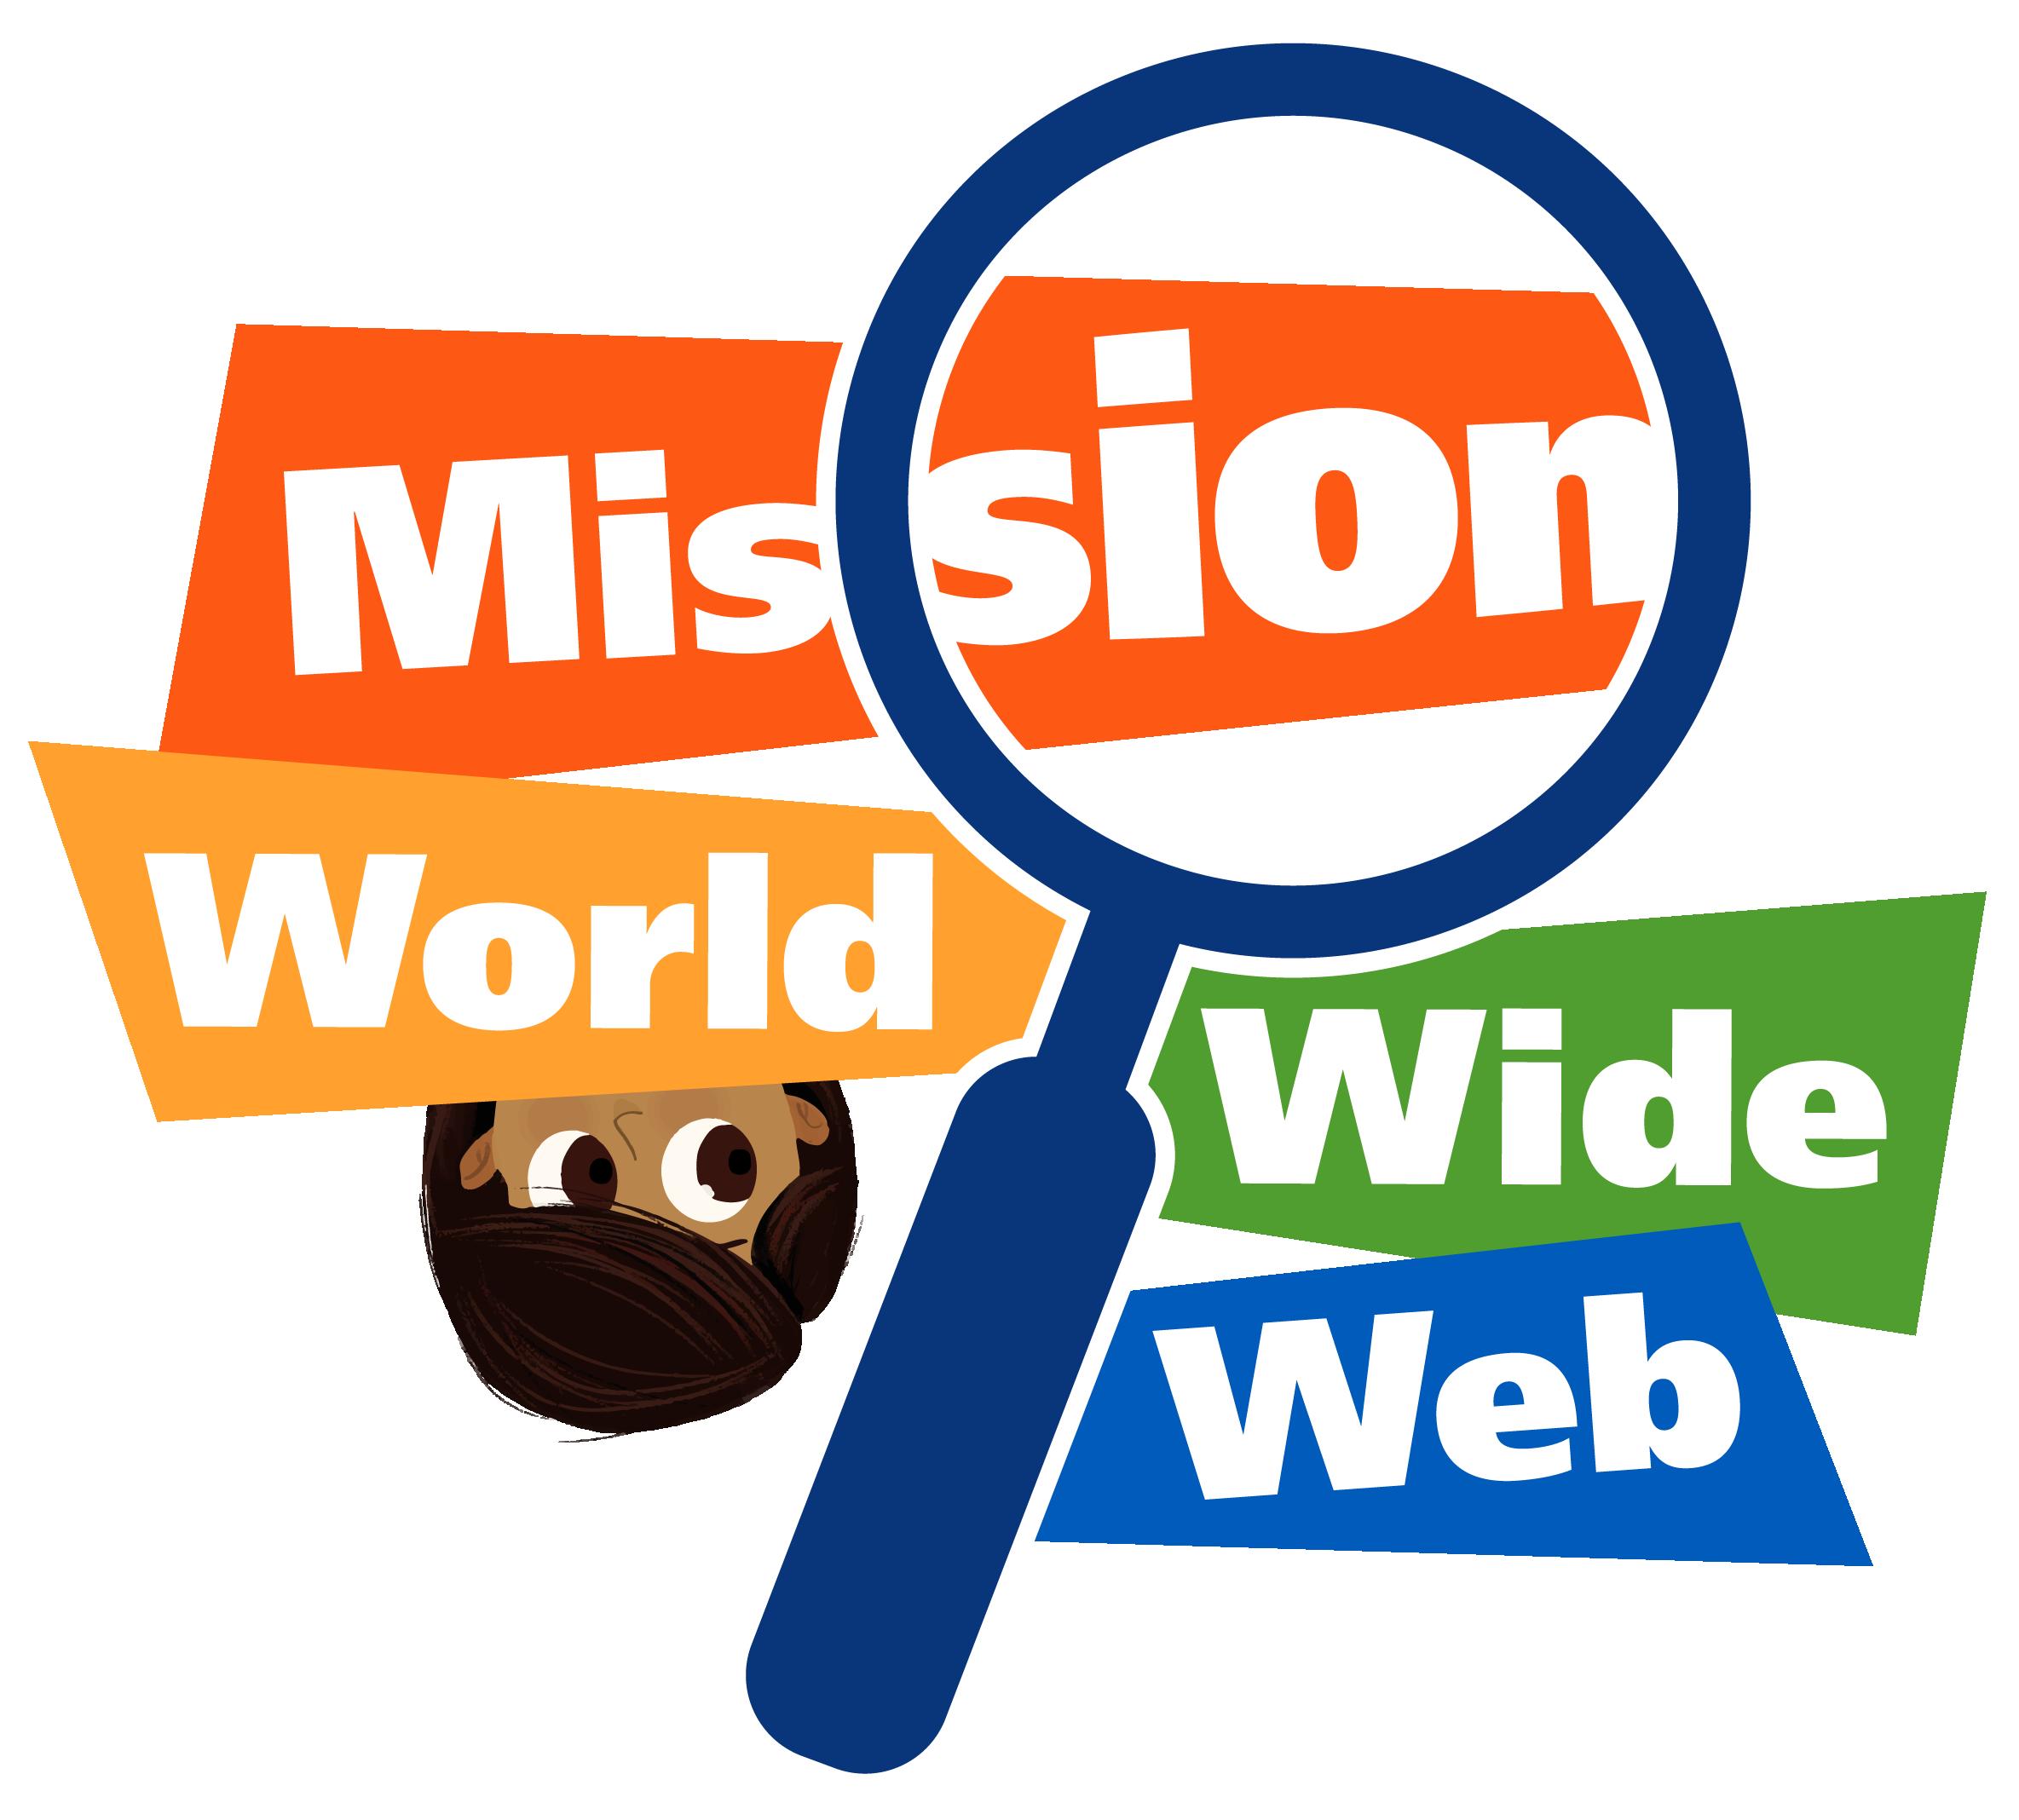 The Pod Mission World Wide Web Safe